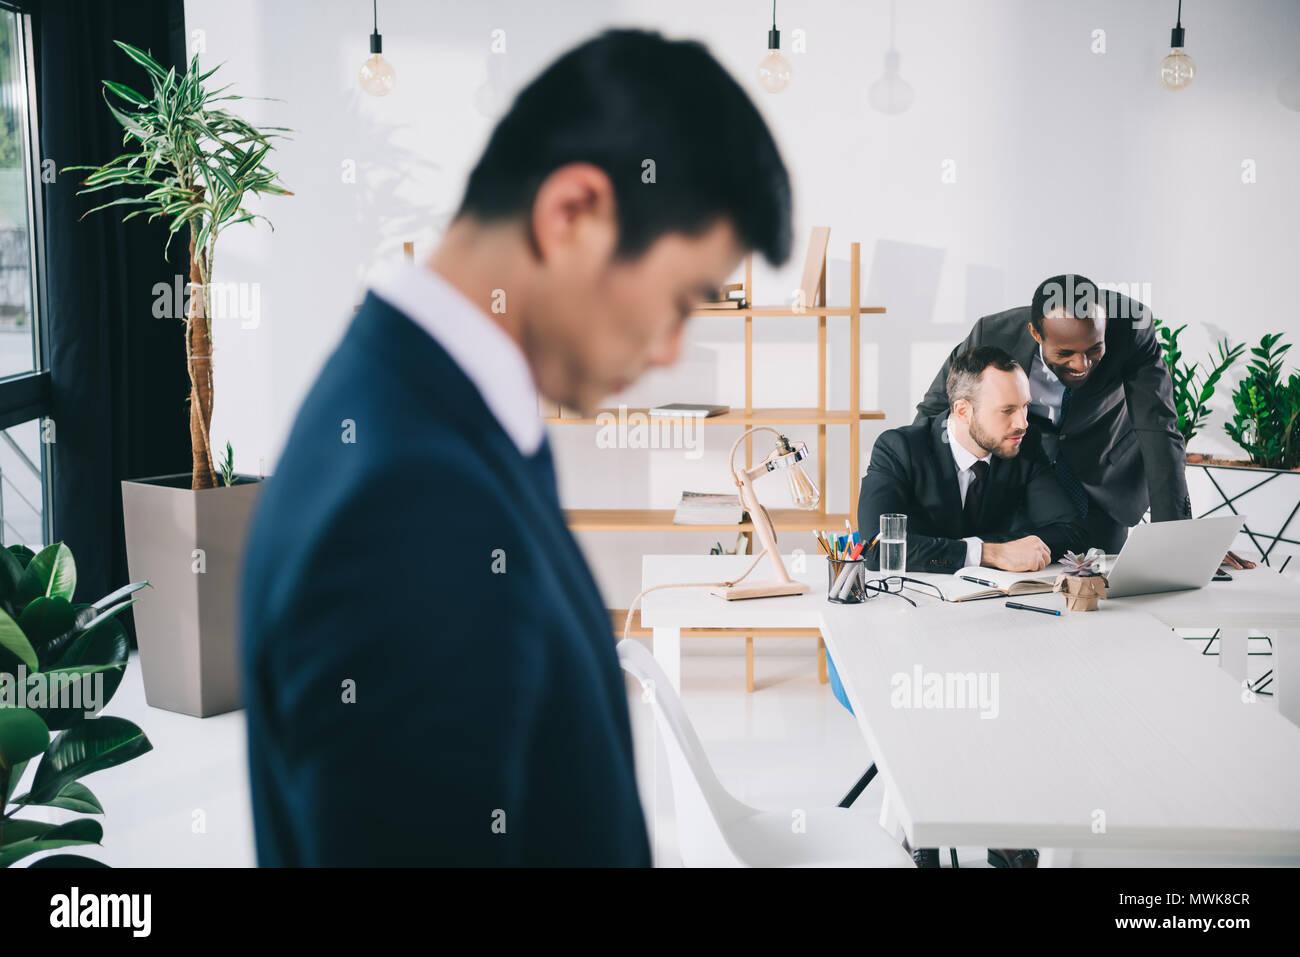 Les collègues de bureau moderne avec asian businessman on foreground Photo Stock